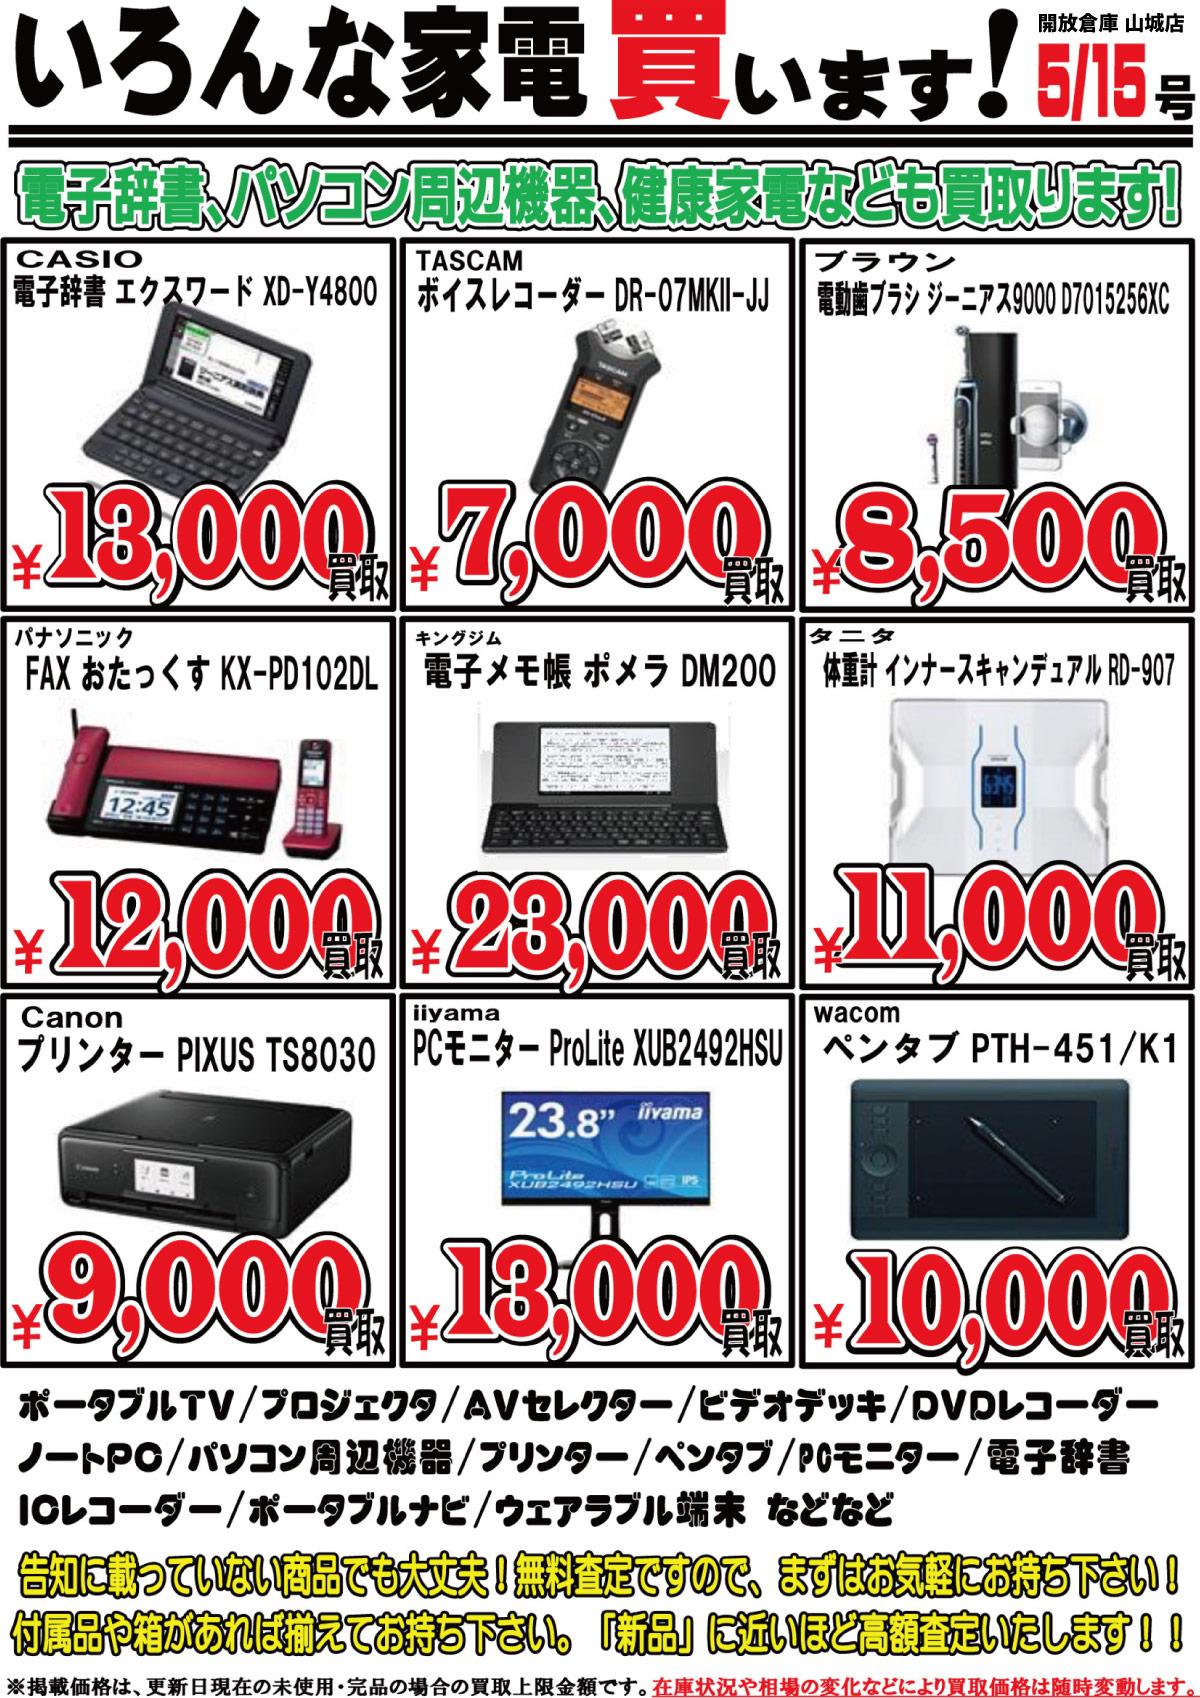 「開放倉庫山城店」いろんな家電買います!電子辞書、パソコン周辺機器、健康家電なども買い取ります!(2017.05.15号)